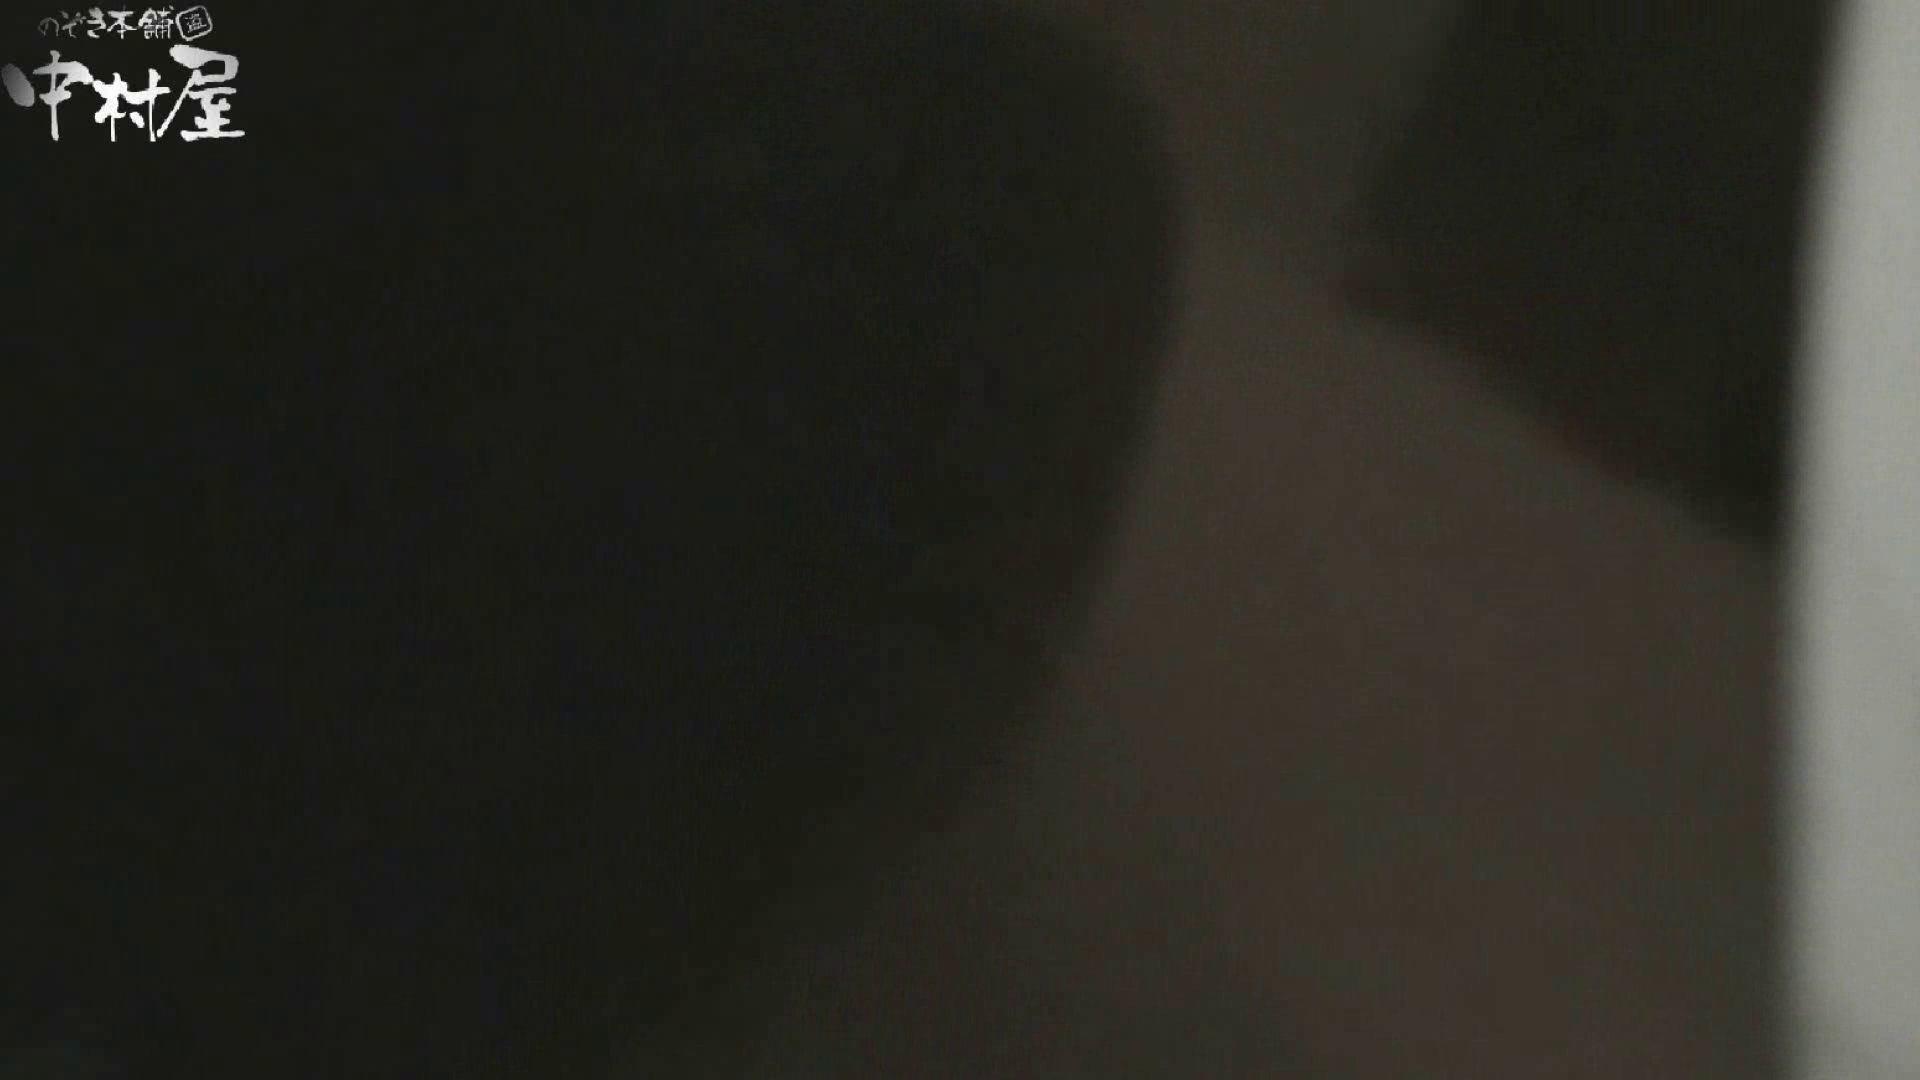 解禁!海の家4カメ洗面所vol.19 人気シリーズ おめこ無修正動画無料 78pic 67